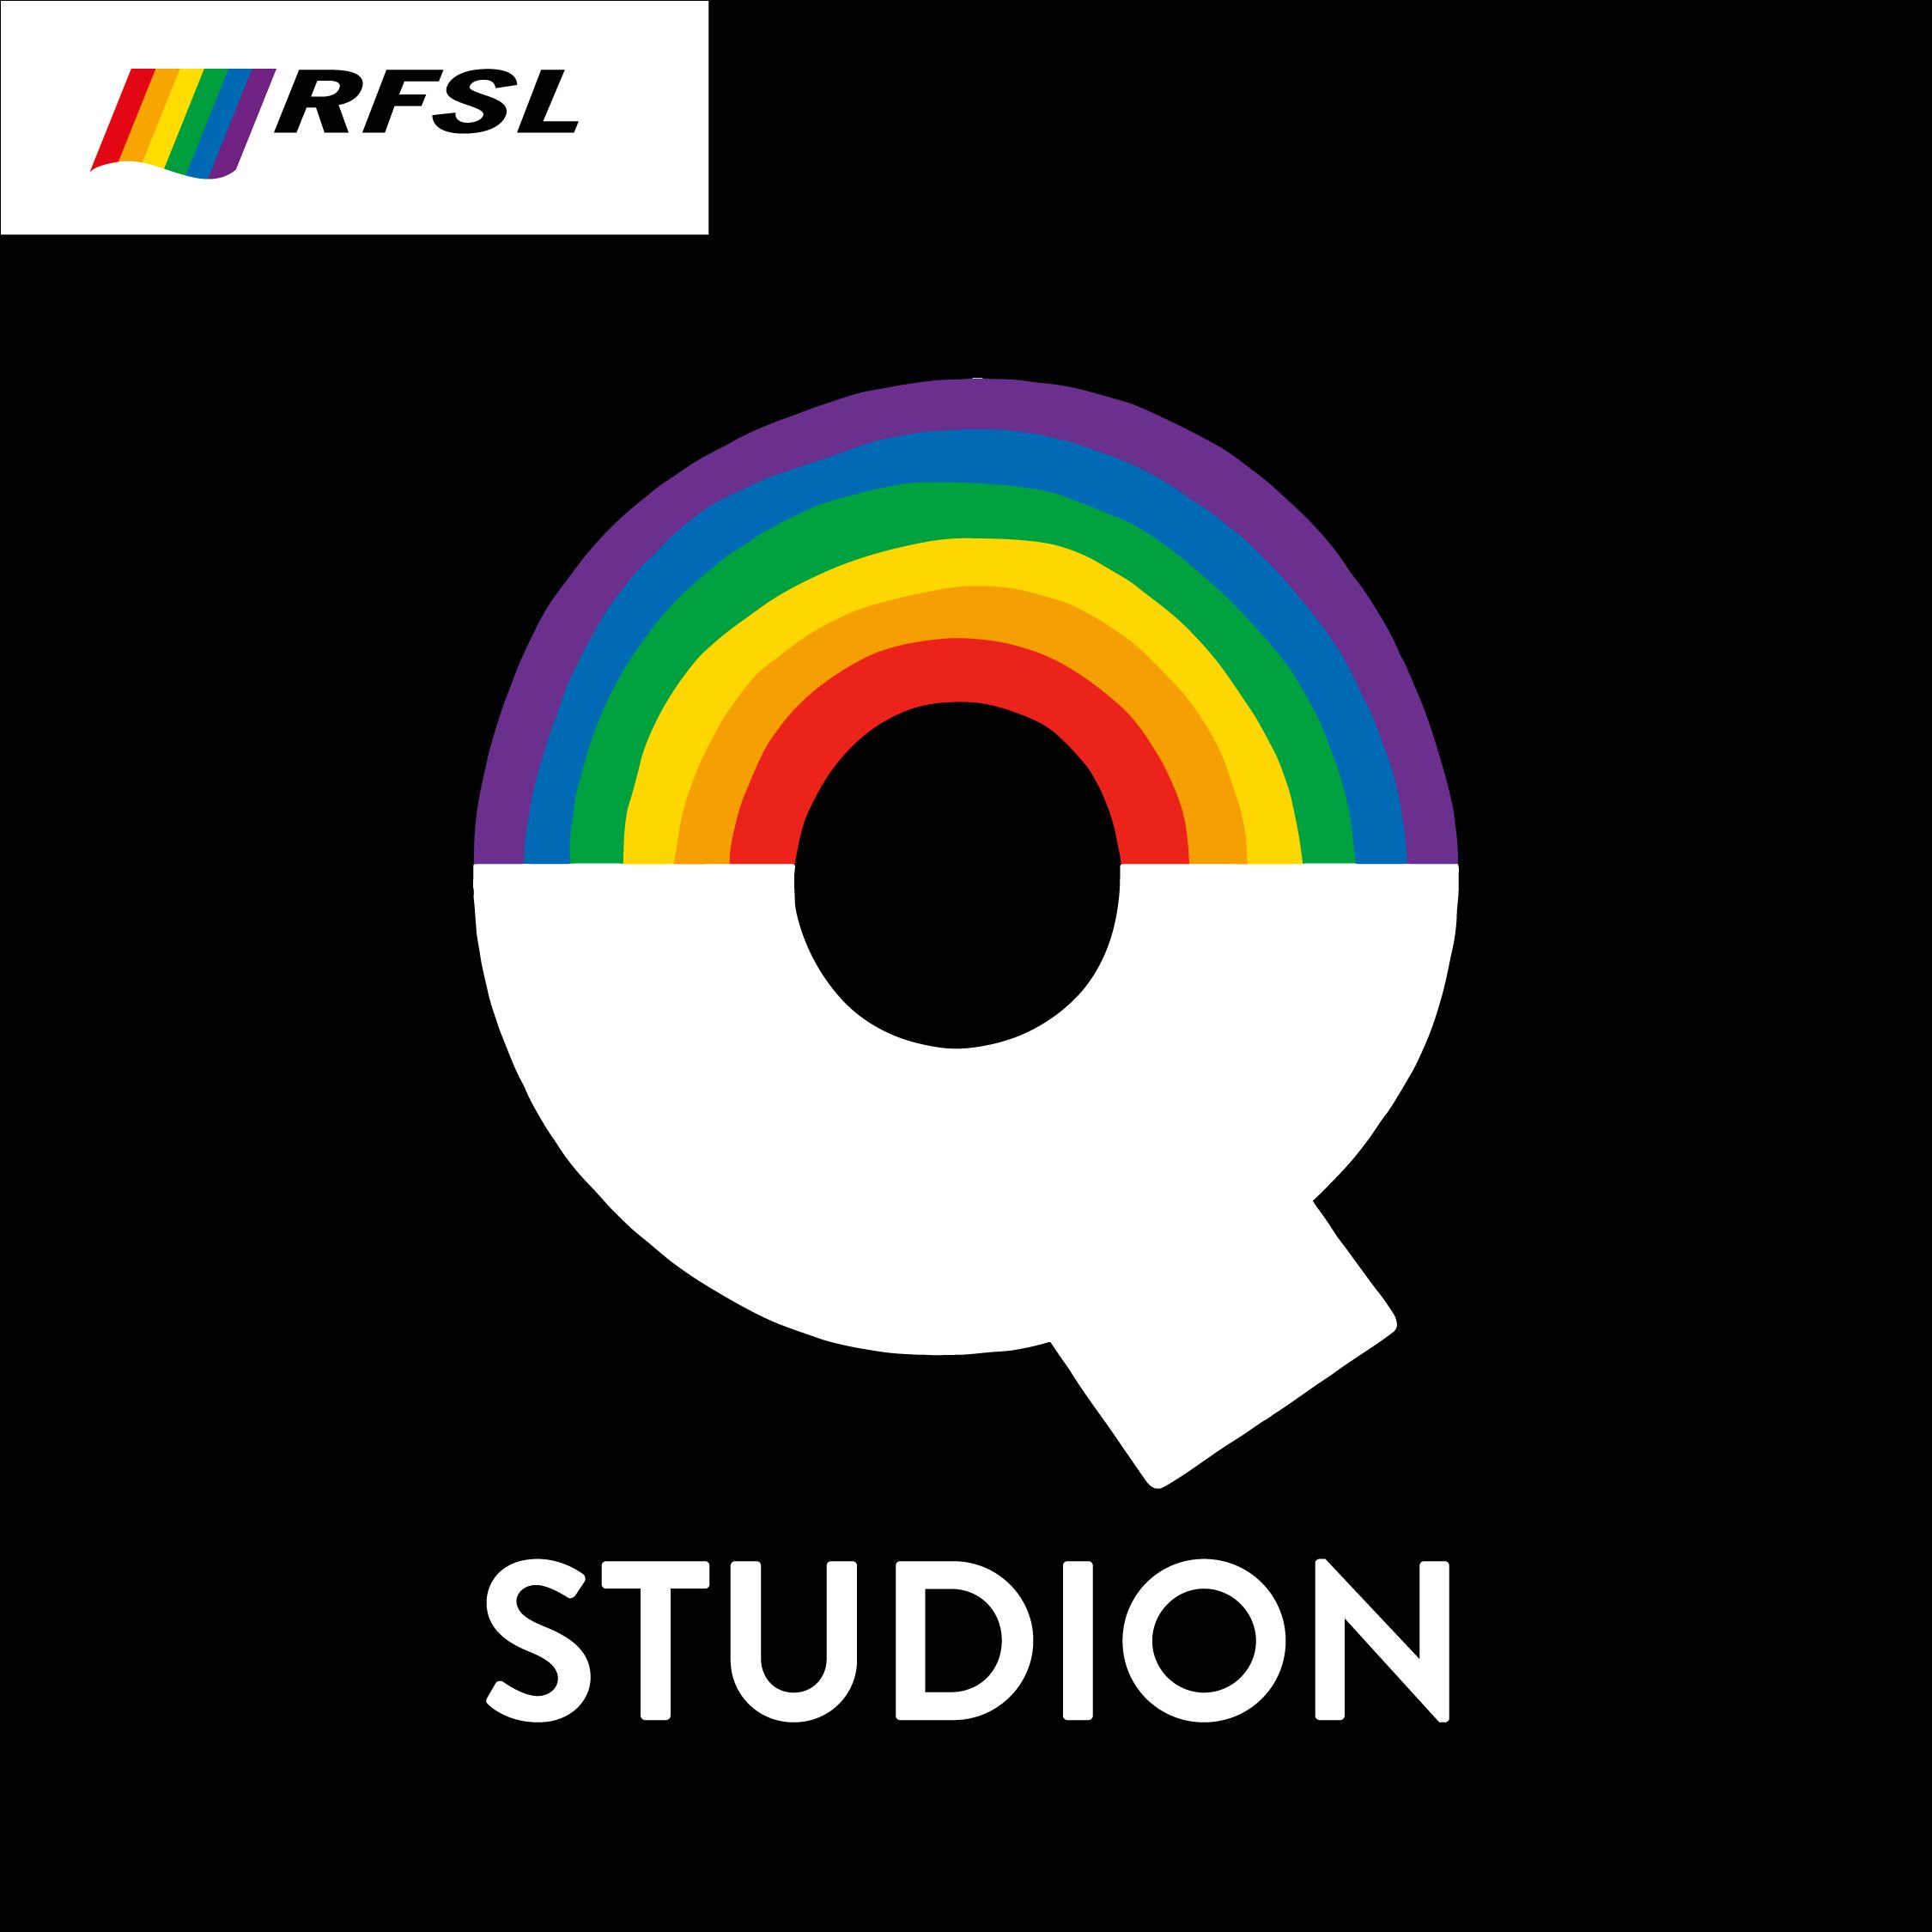 Q-Studion 3. Humor: Tråkiga flator, roliga bögar och hilarious queens?